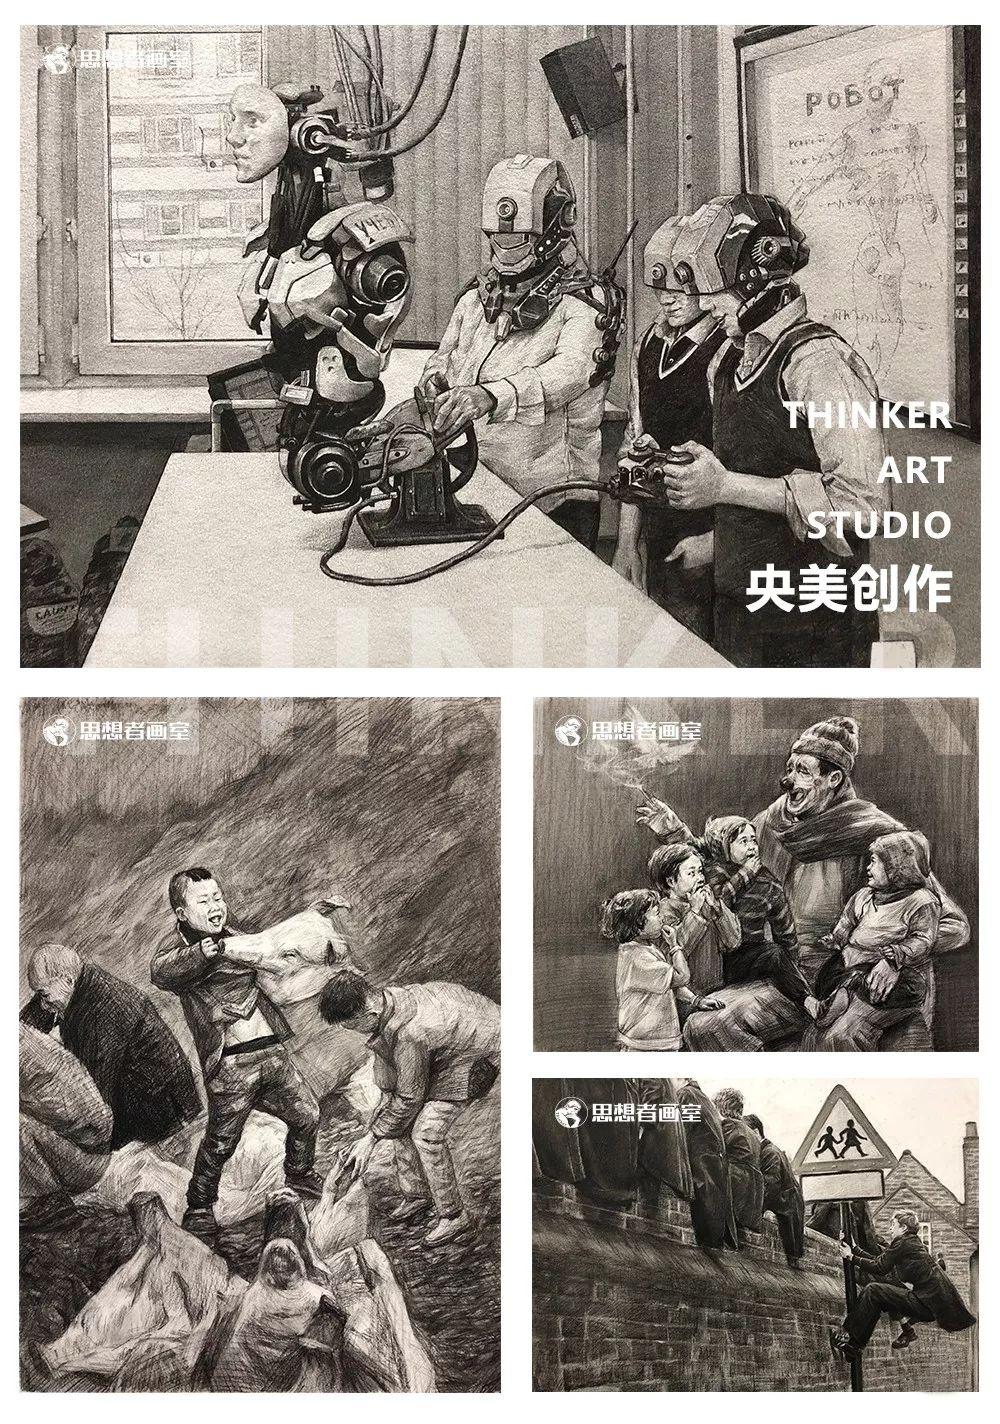 北京思想者画室预报名开启,北京画室招生,北京美术画室    14